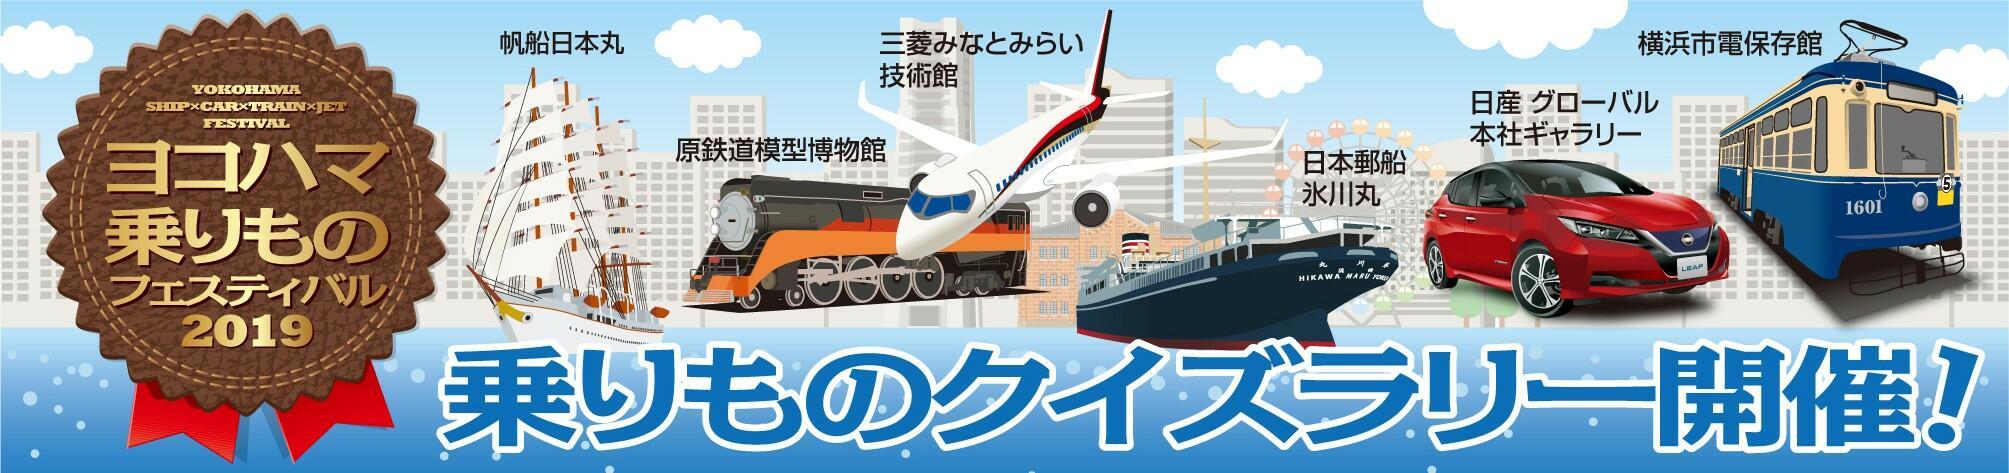 乗り物リリース用帯.jpg